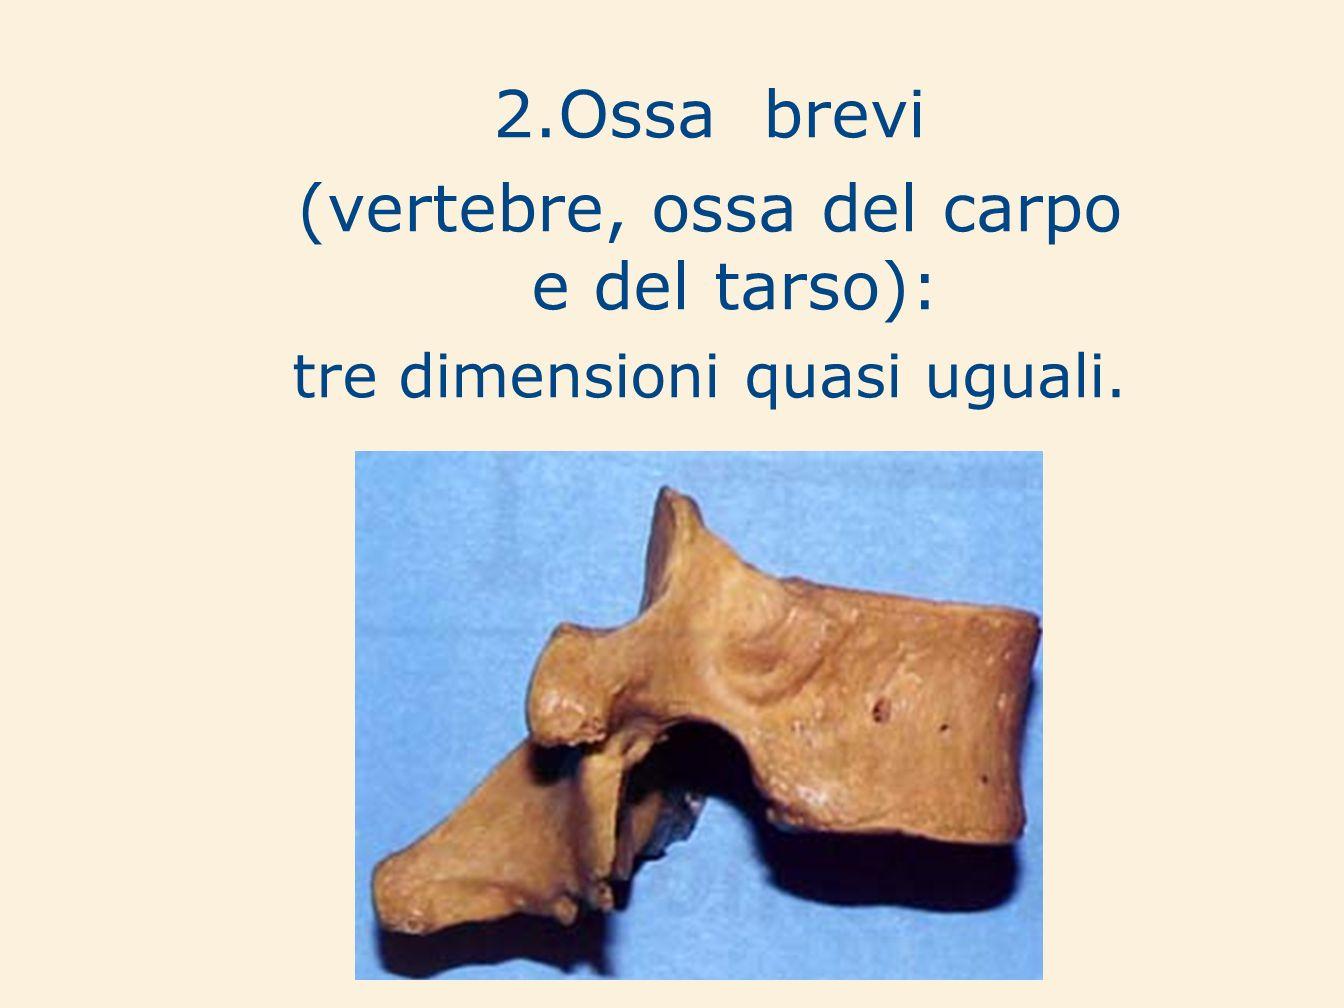 (vertebre, ossa del carpo e del tarso):